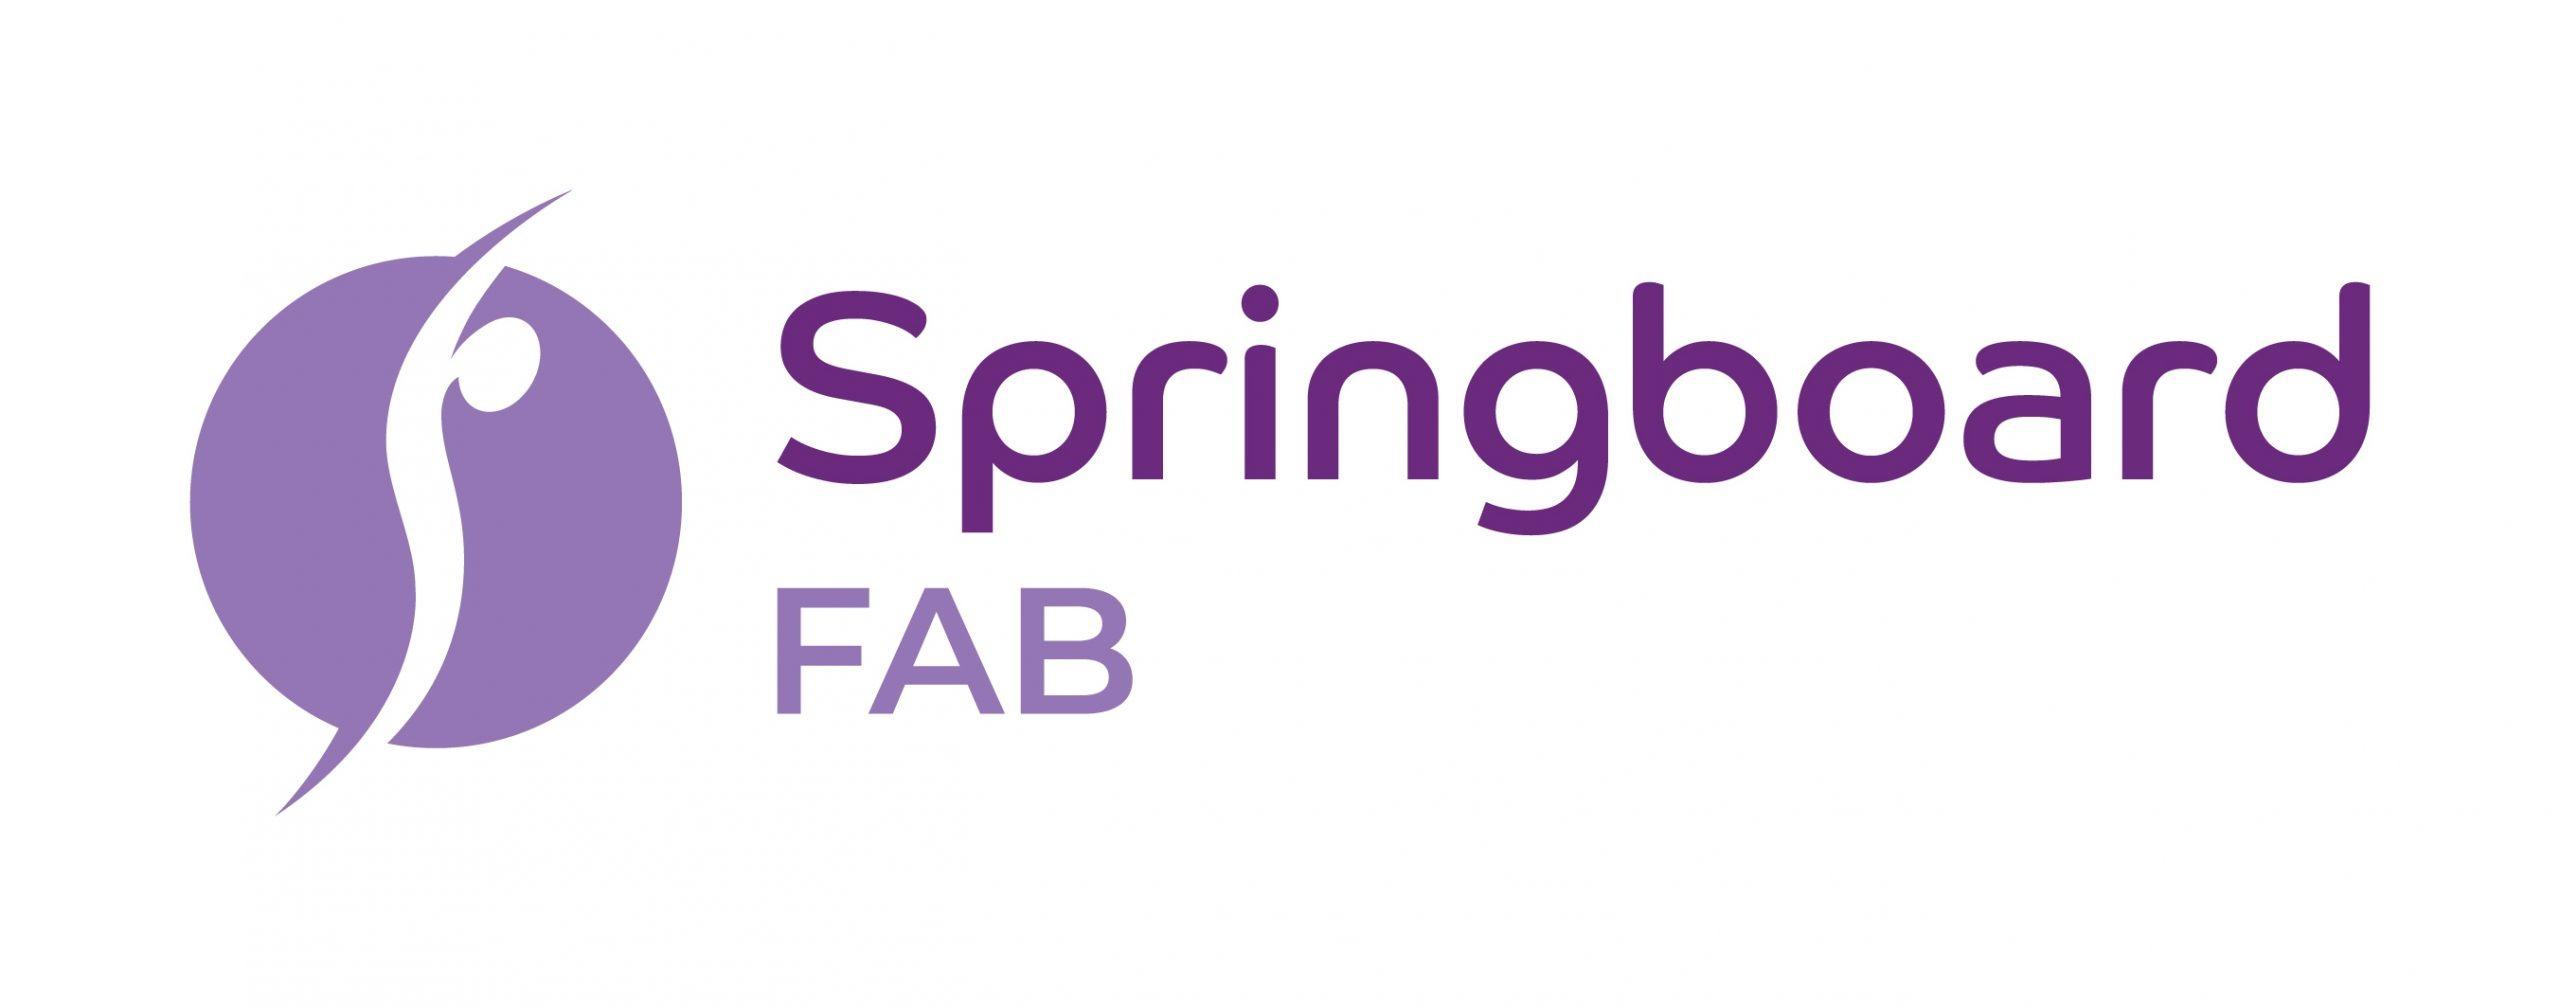 Springboard FAB Logo